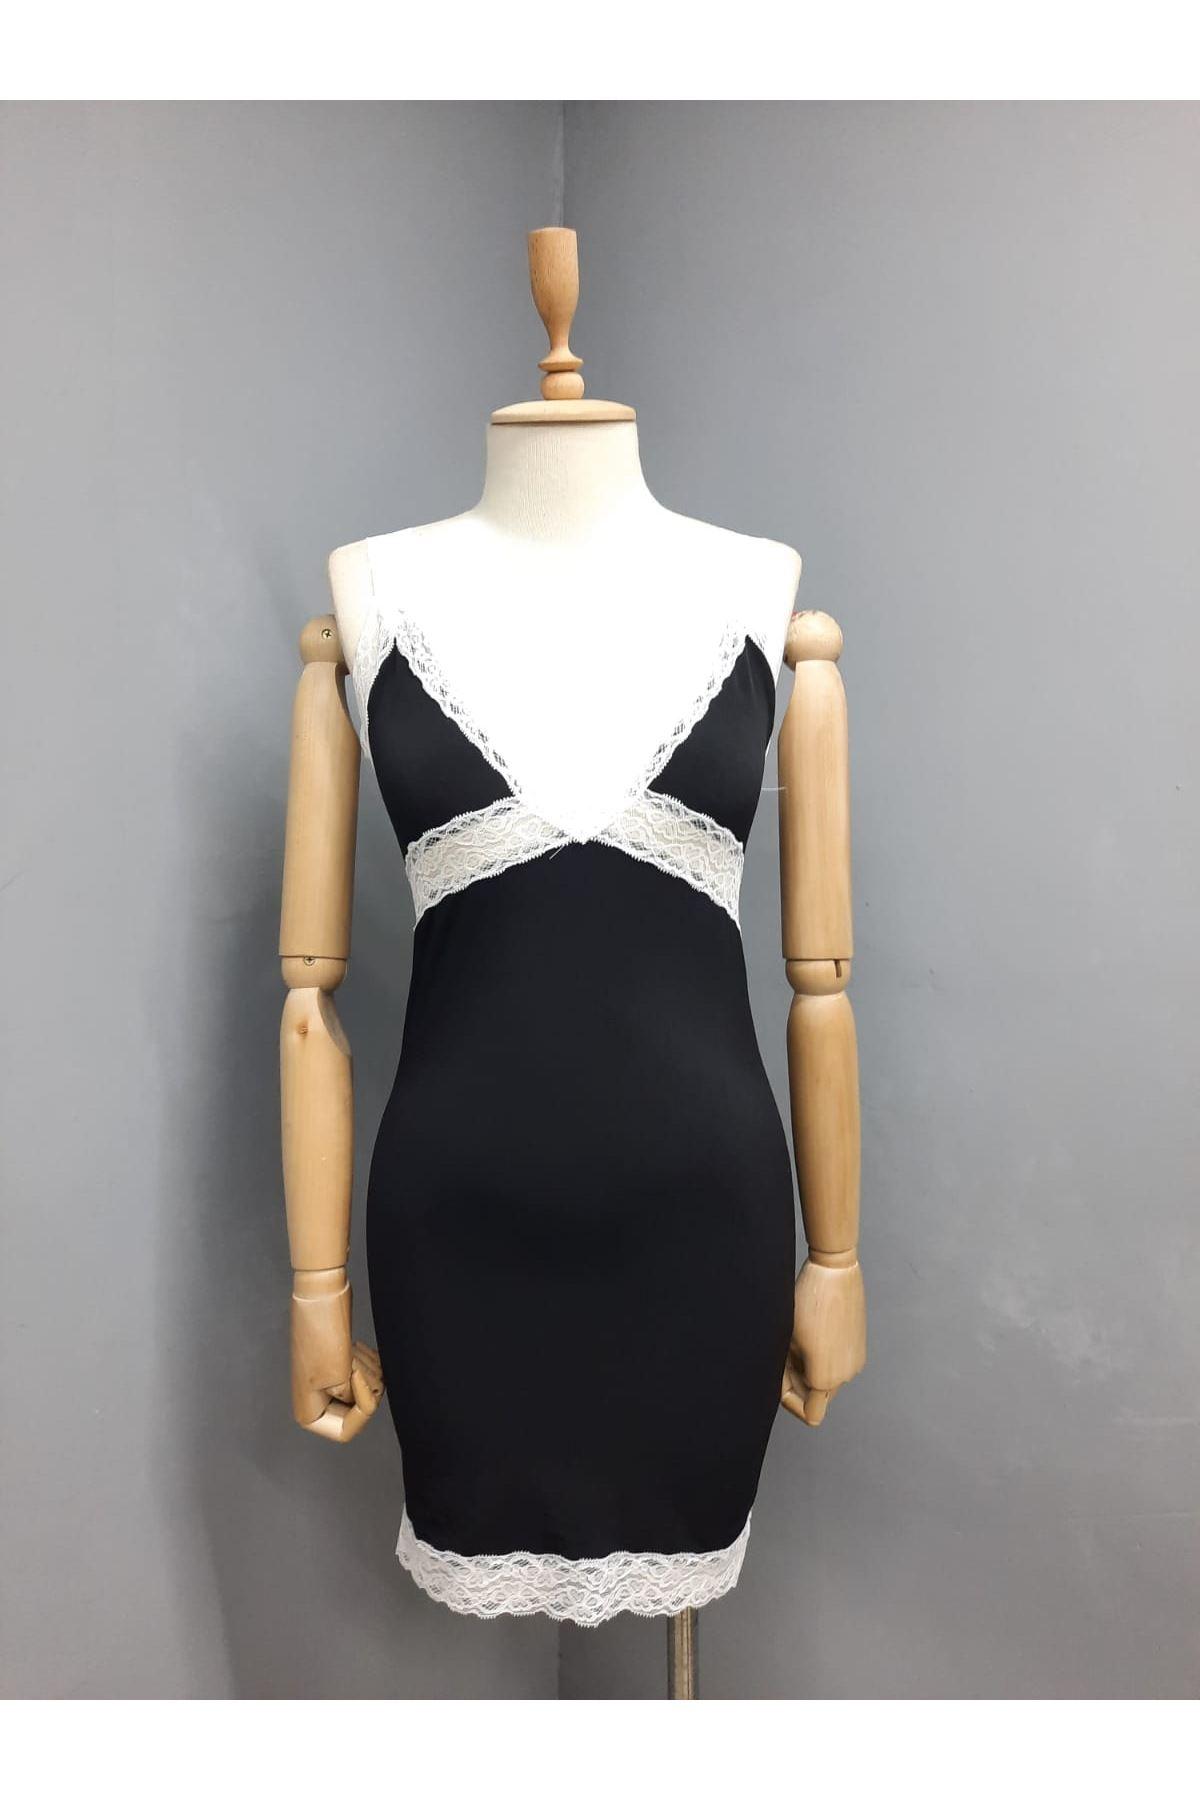 Dantel Detay Mini Elbise - SİYAH